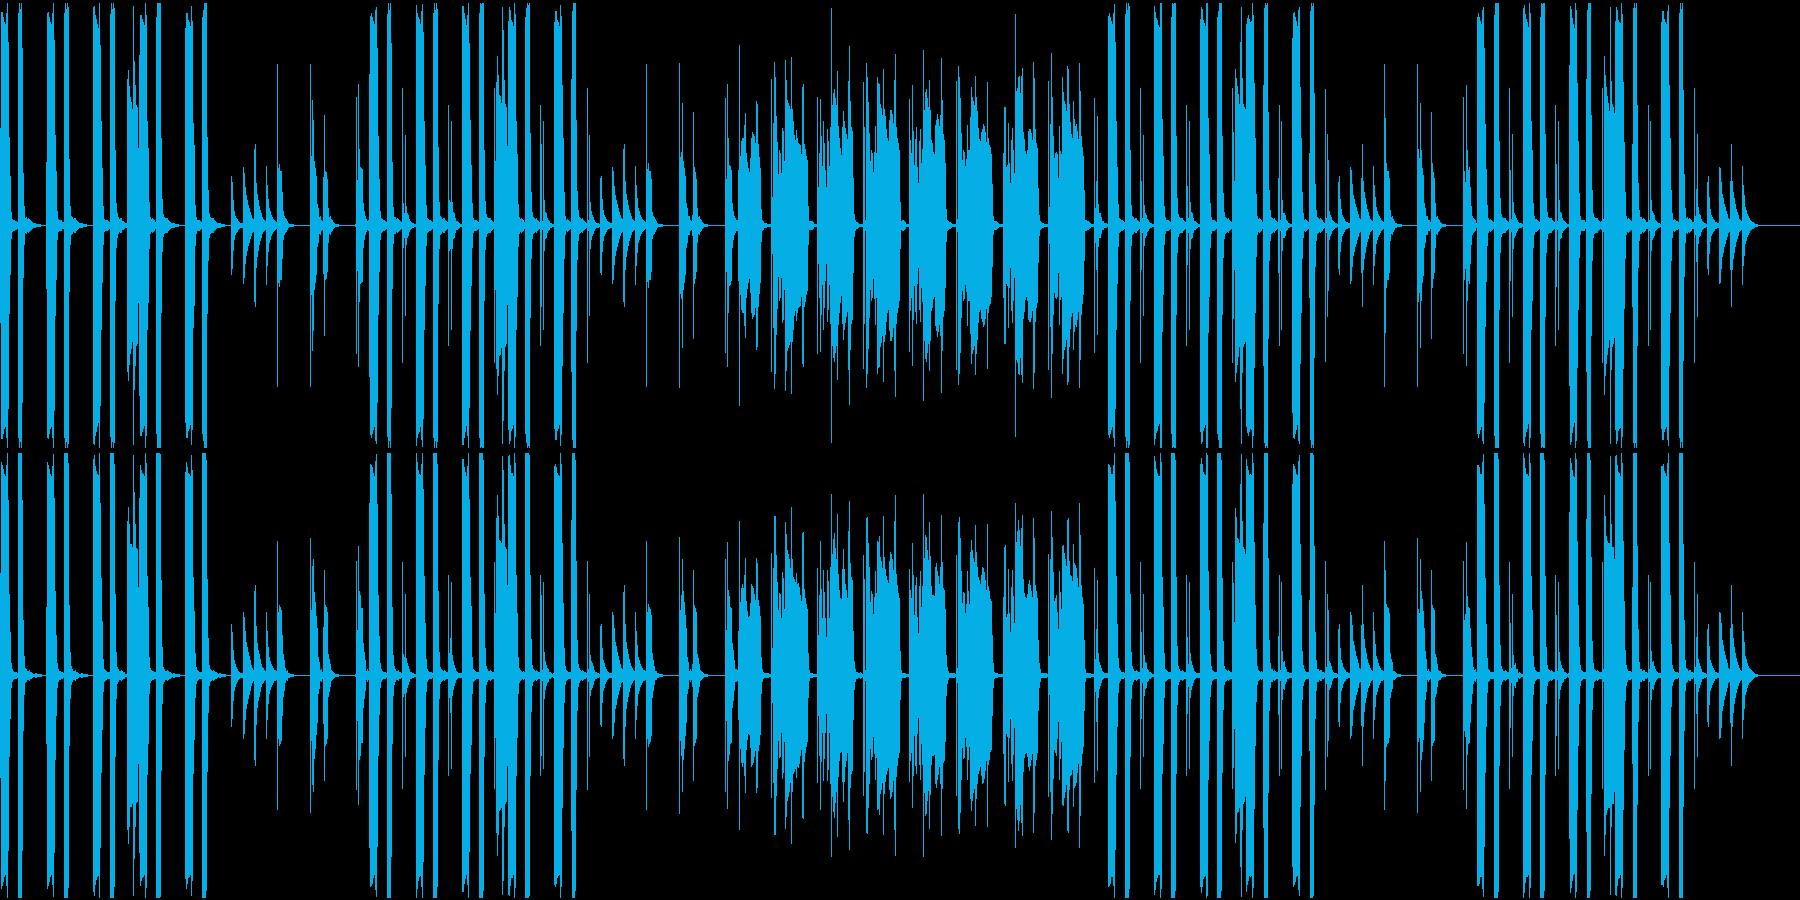 のんびりとした雰囲気のBGMの再生済みの波形